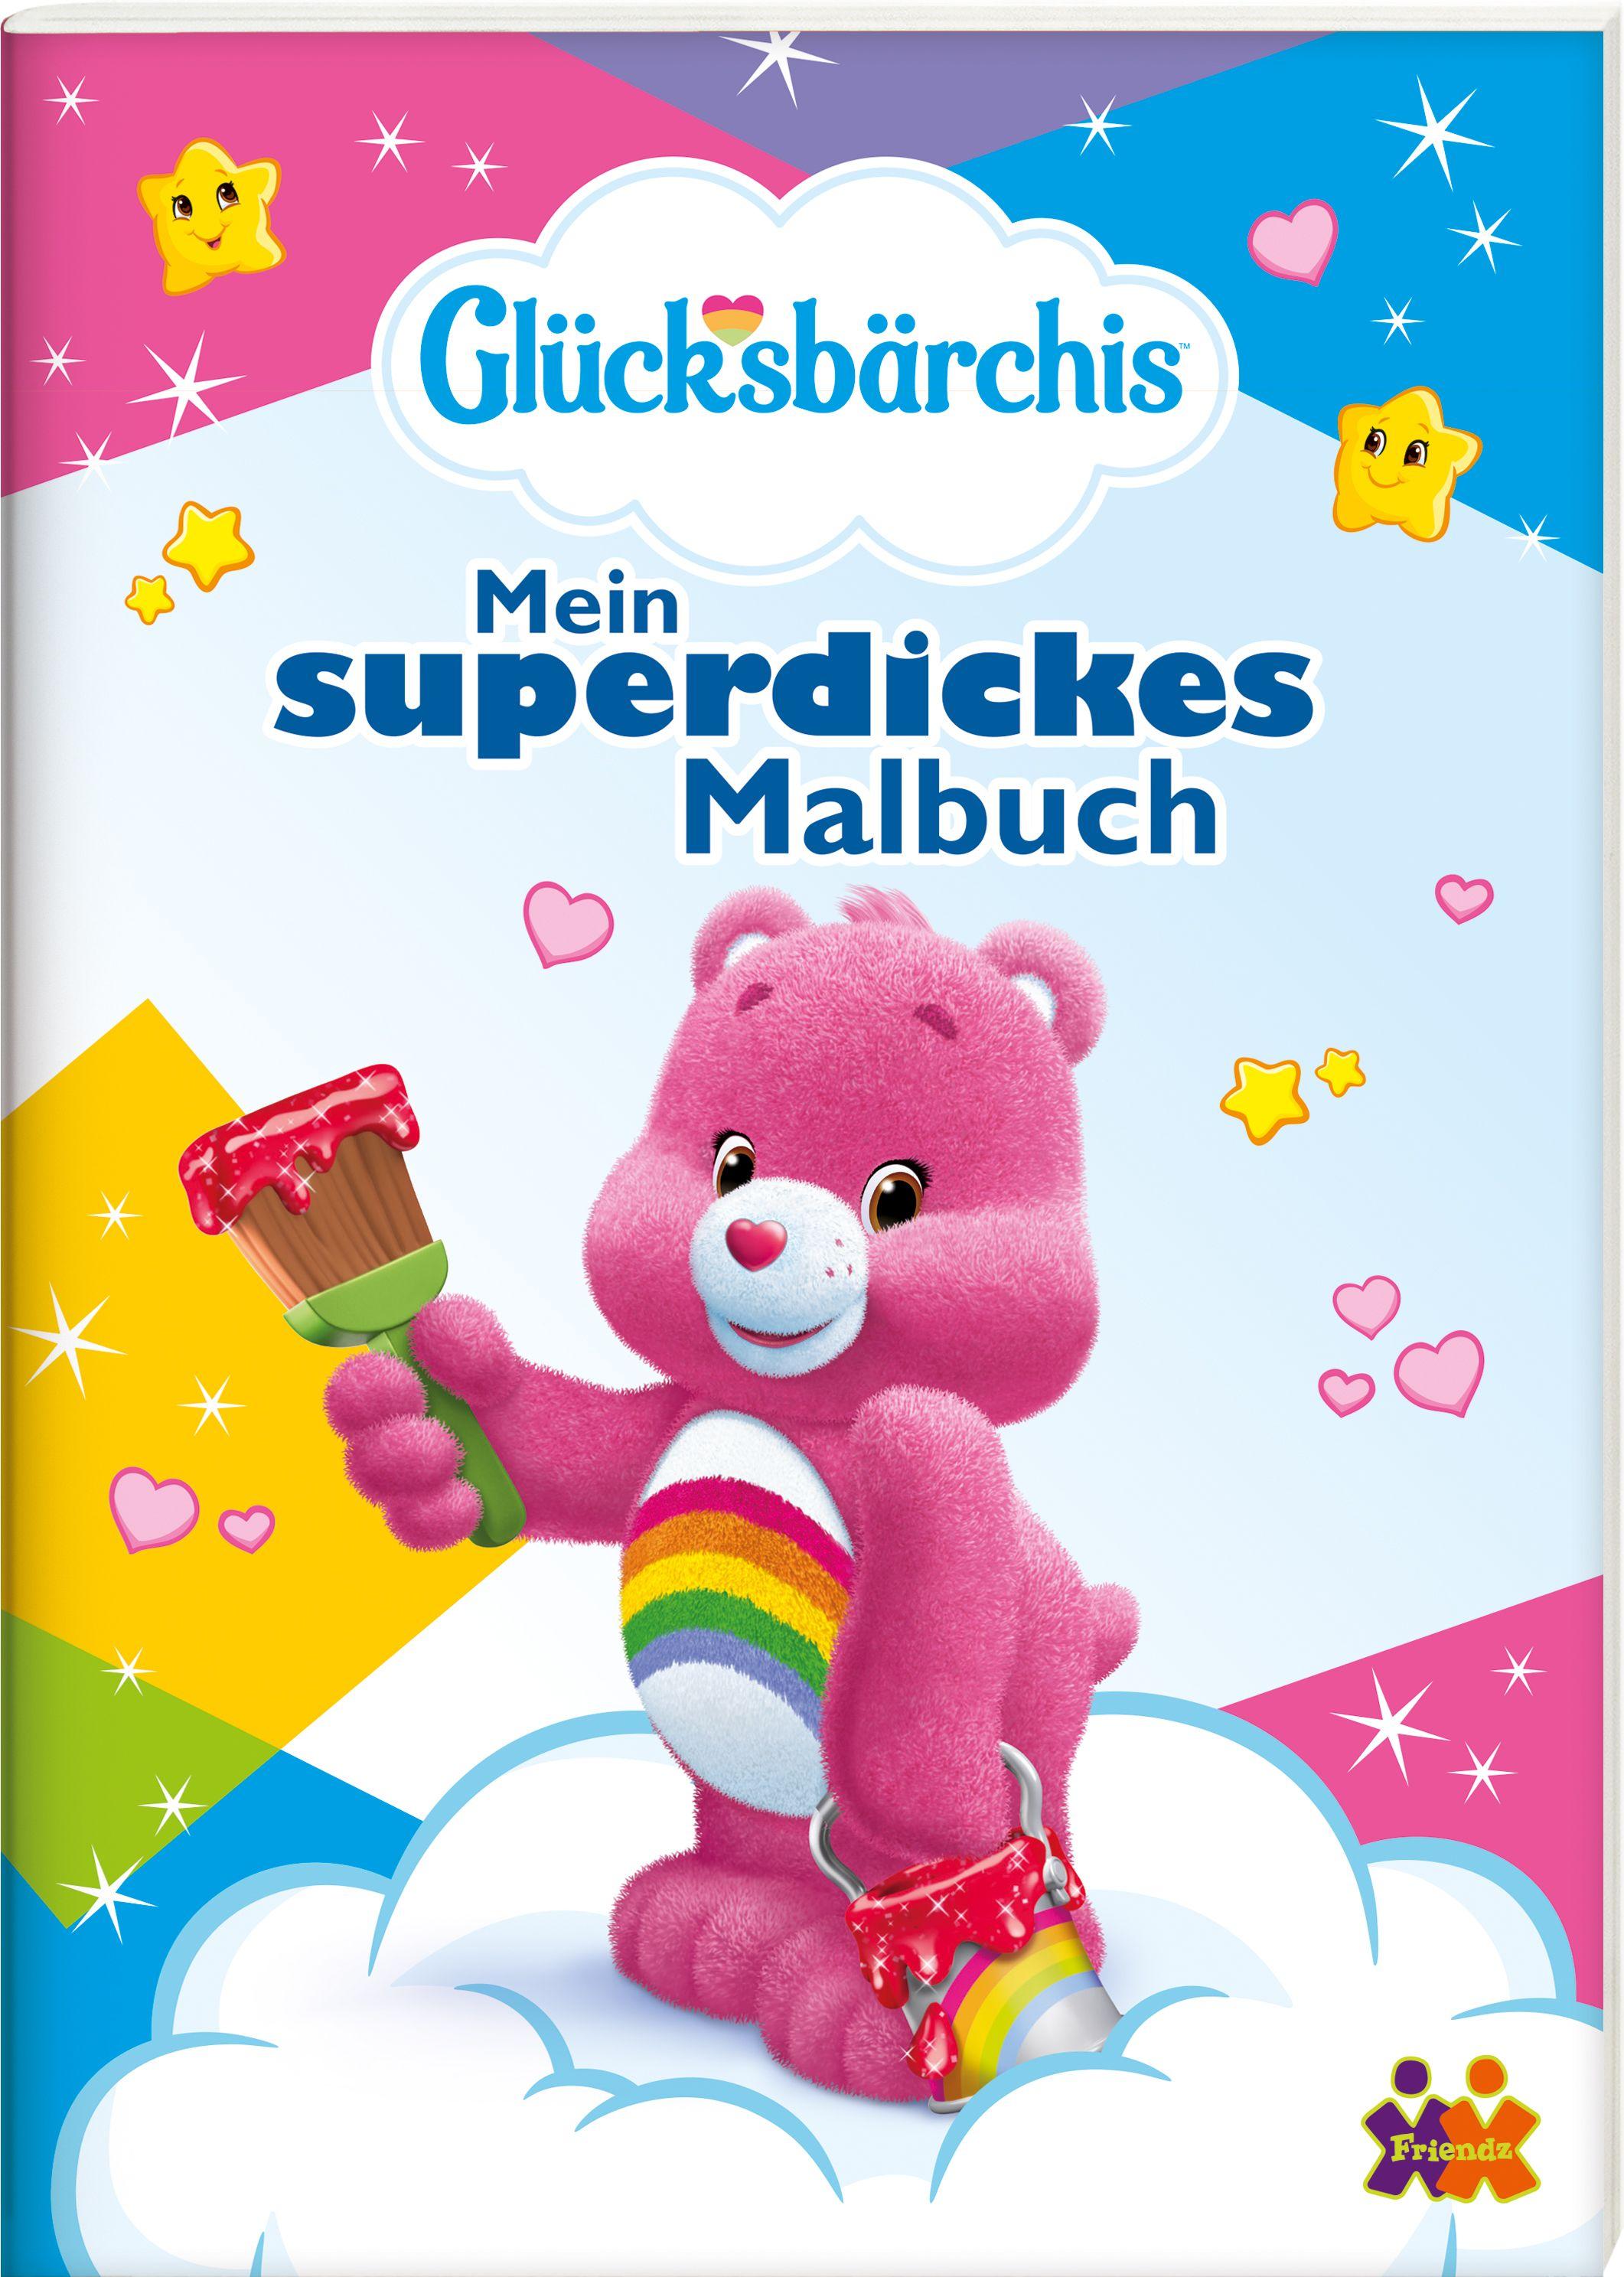 Glücksbärchis. Mein superdickes Malbuch. von :